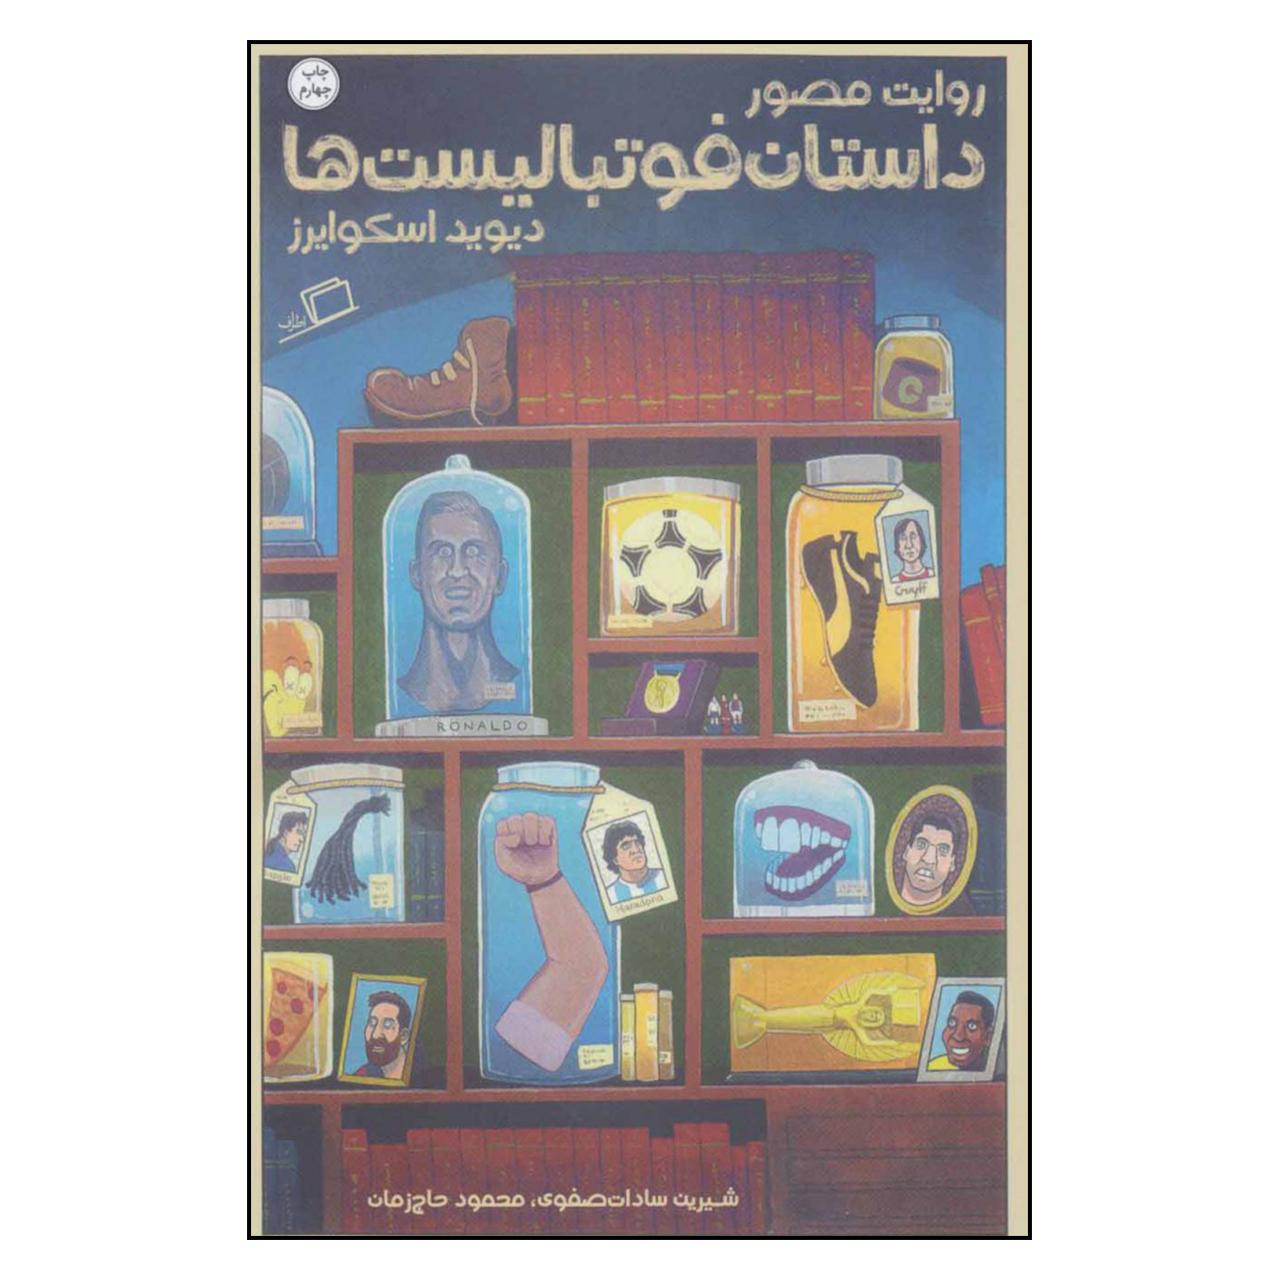 خرید                      کتاب روایت مصور داستان فوتبالیست ها اثر دیوید اسکوایرز نشر اطراف